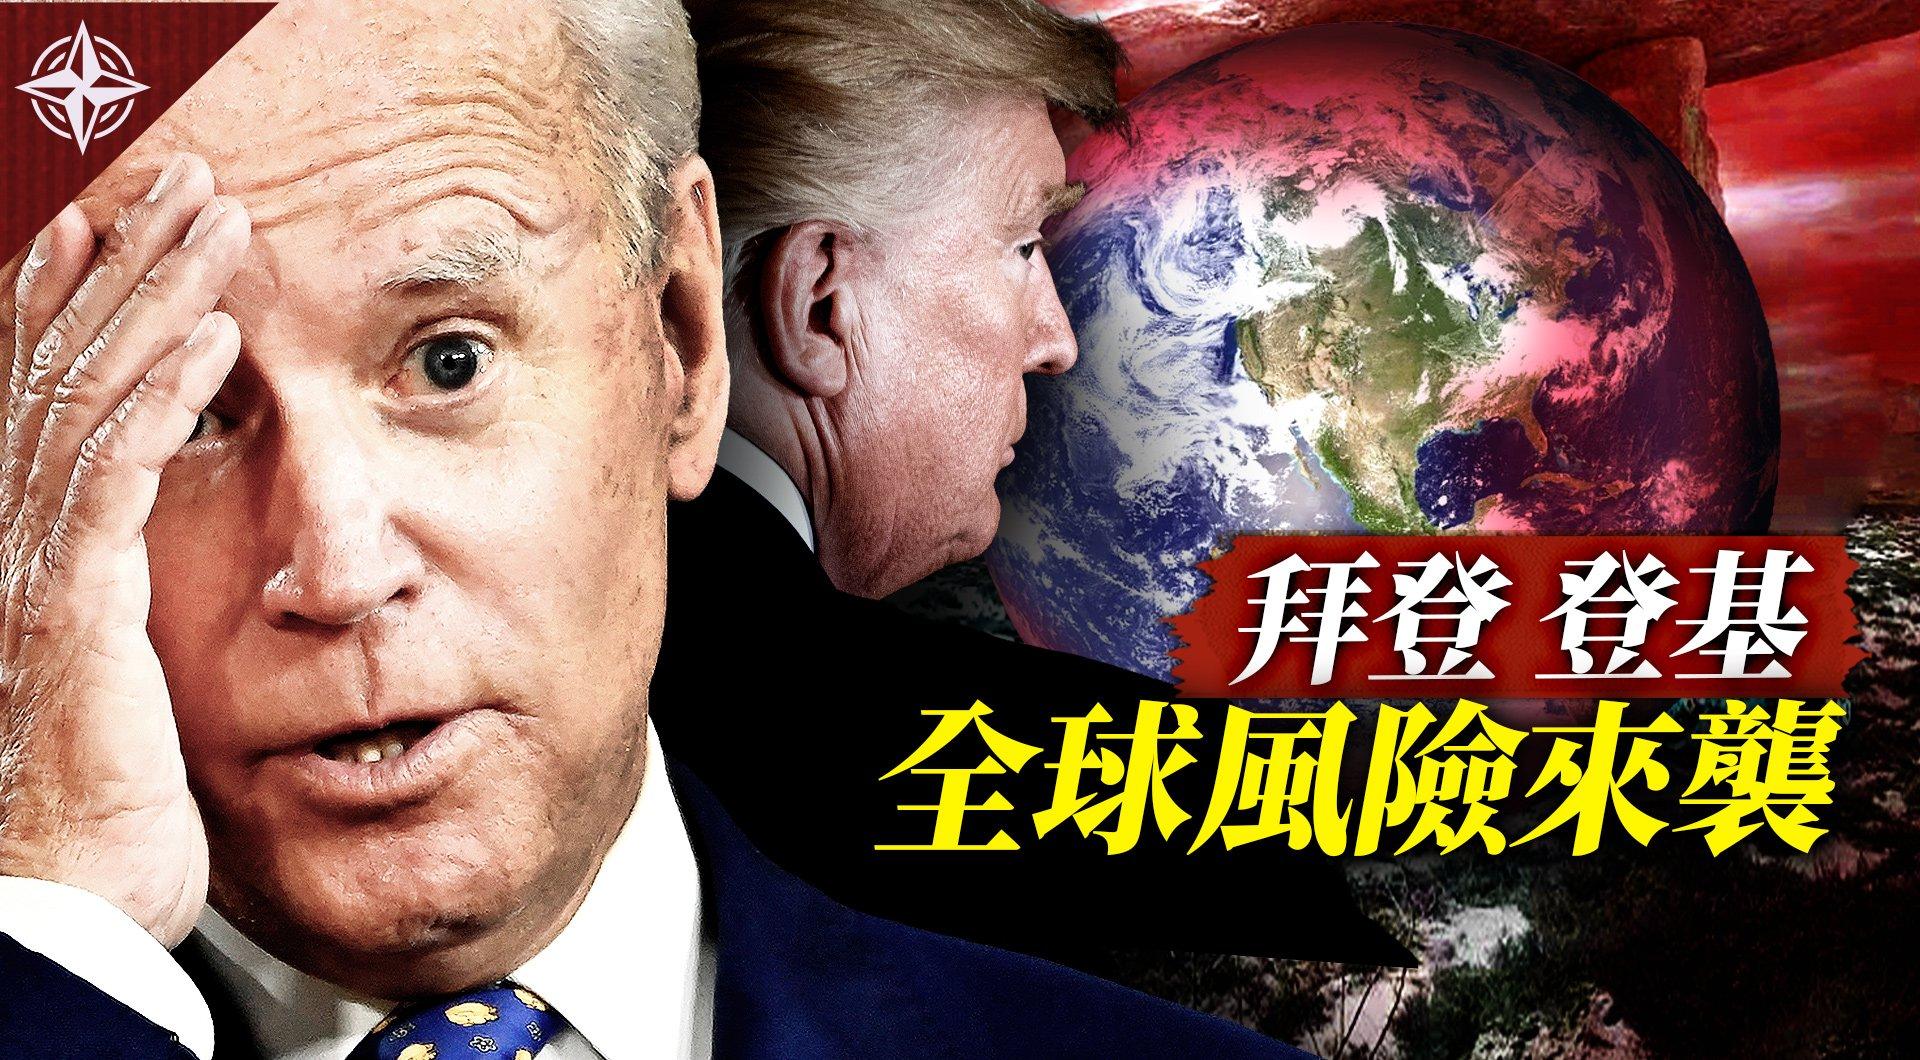 特朗普卸任、拜登上台,全球五大風險罩頂?全球疫情噴發,誰是最大風險源頭?2021年全球經濟是喜是憂?社會主義病毒將蔓延全球?(大紀元合成)